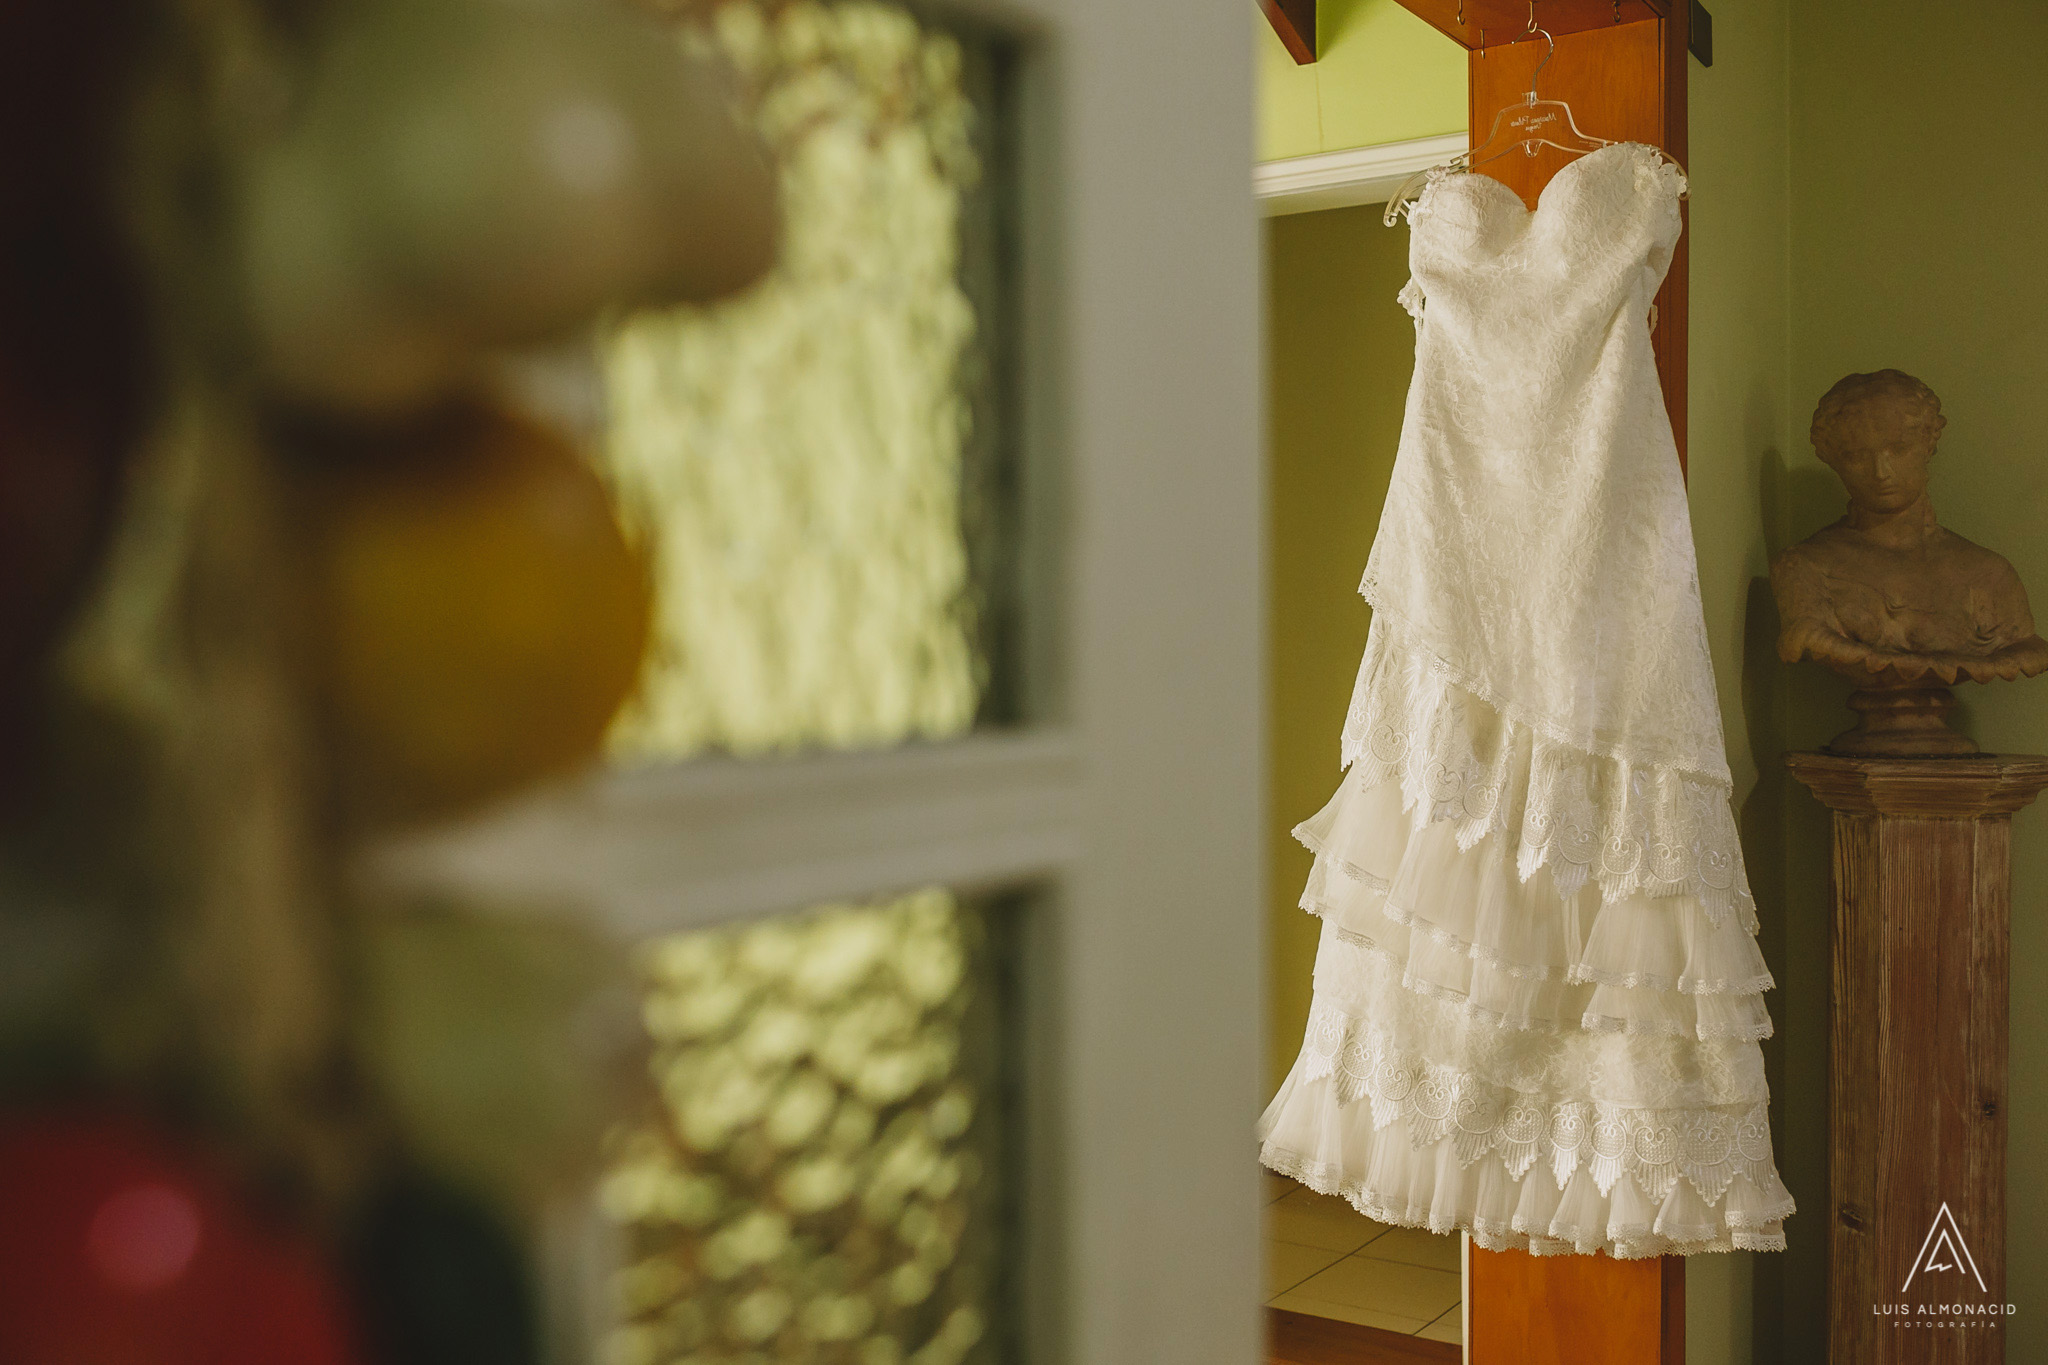 fotografia-matrimonio-santa-luisa-lonquen